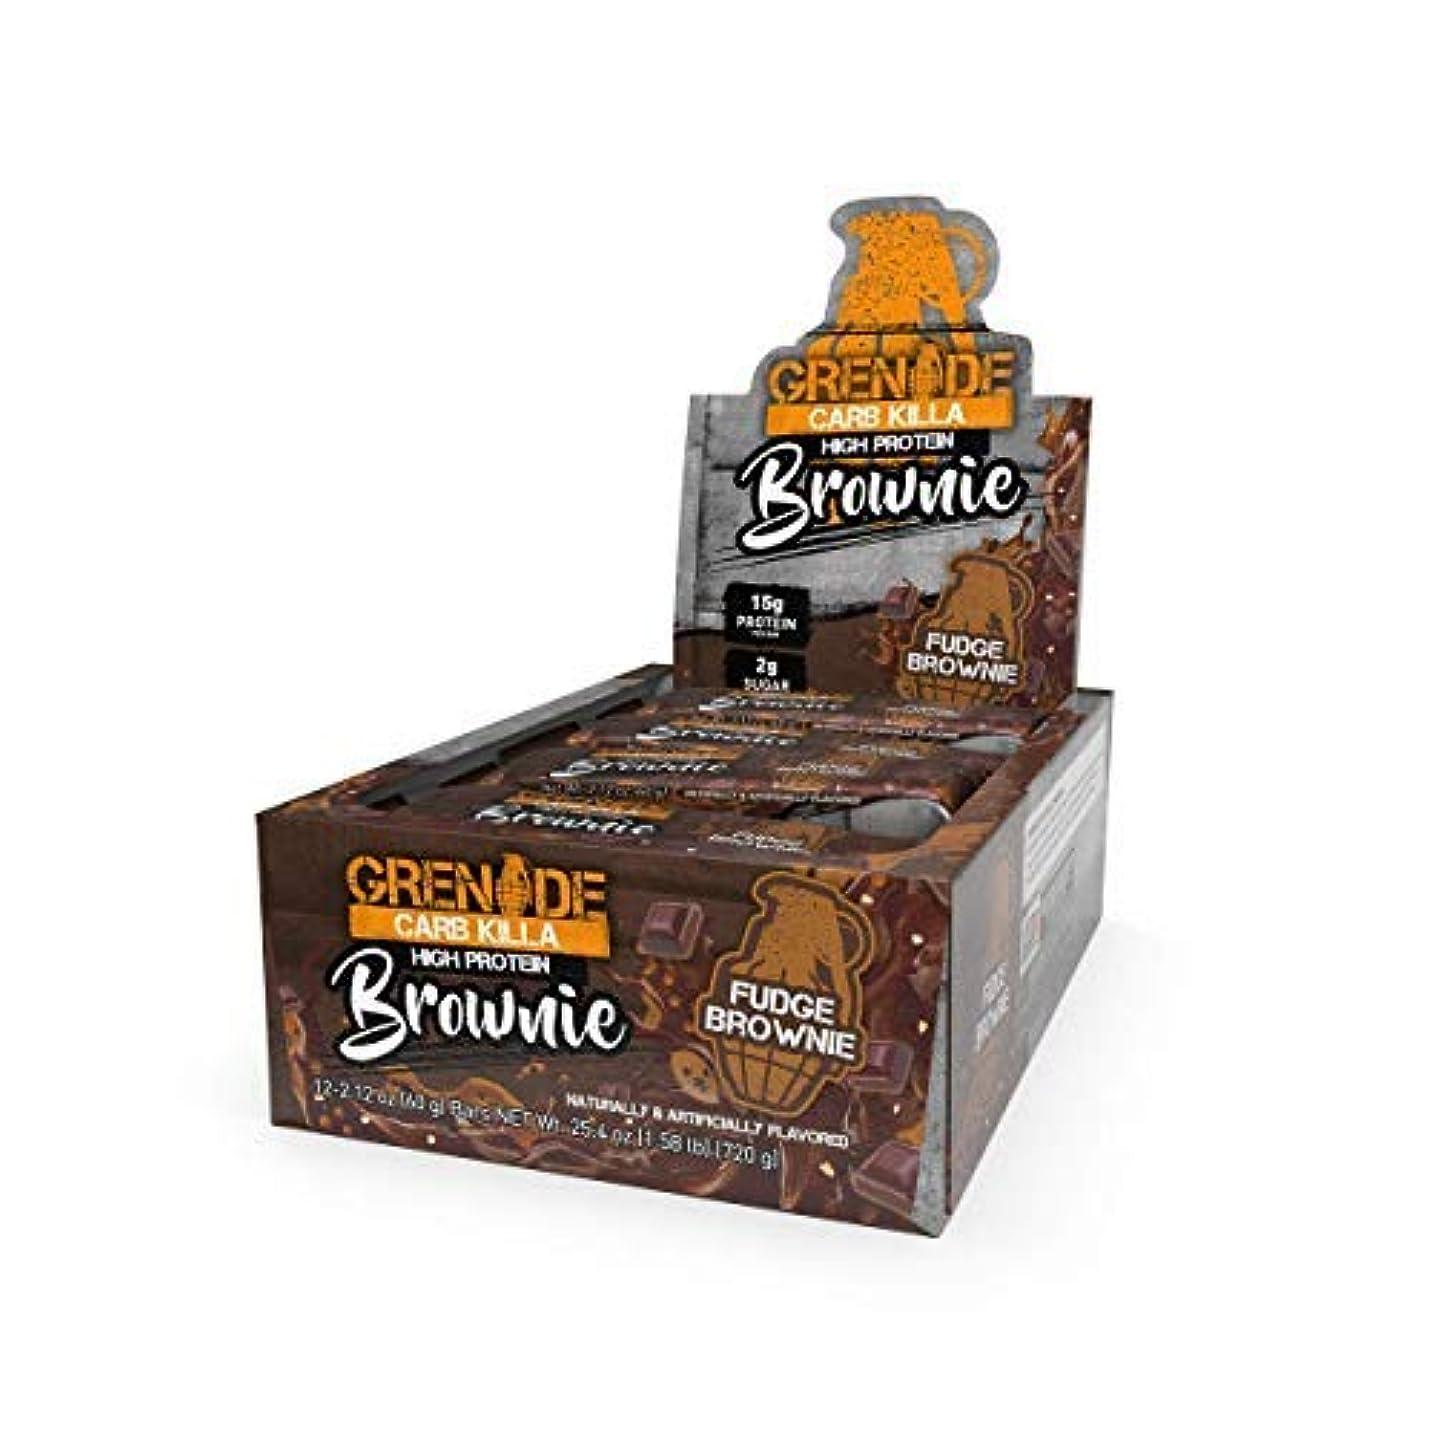 説明する走るステープルGrenade Carb Killa Brownie High Protein Suitable Meal Replacement for Weight Loss 60 Grams Pack of 12 [並行輸入品]